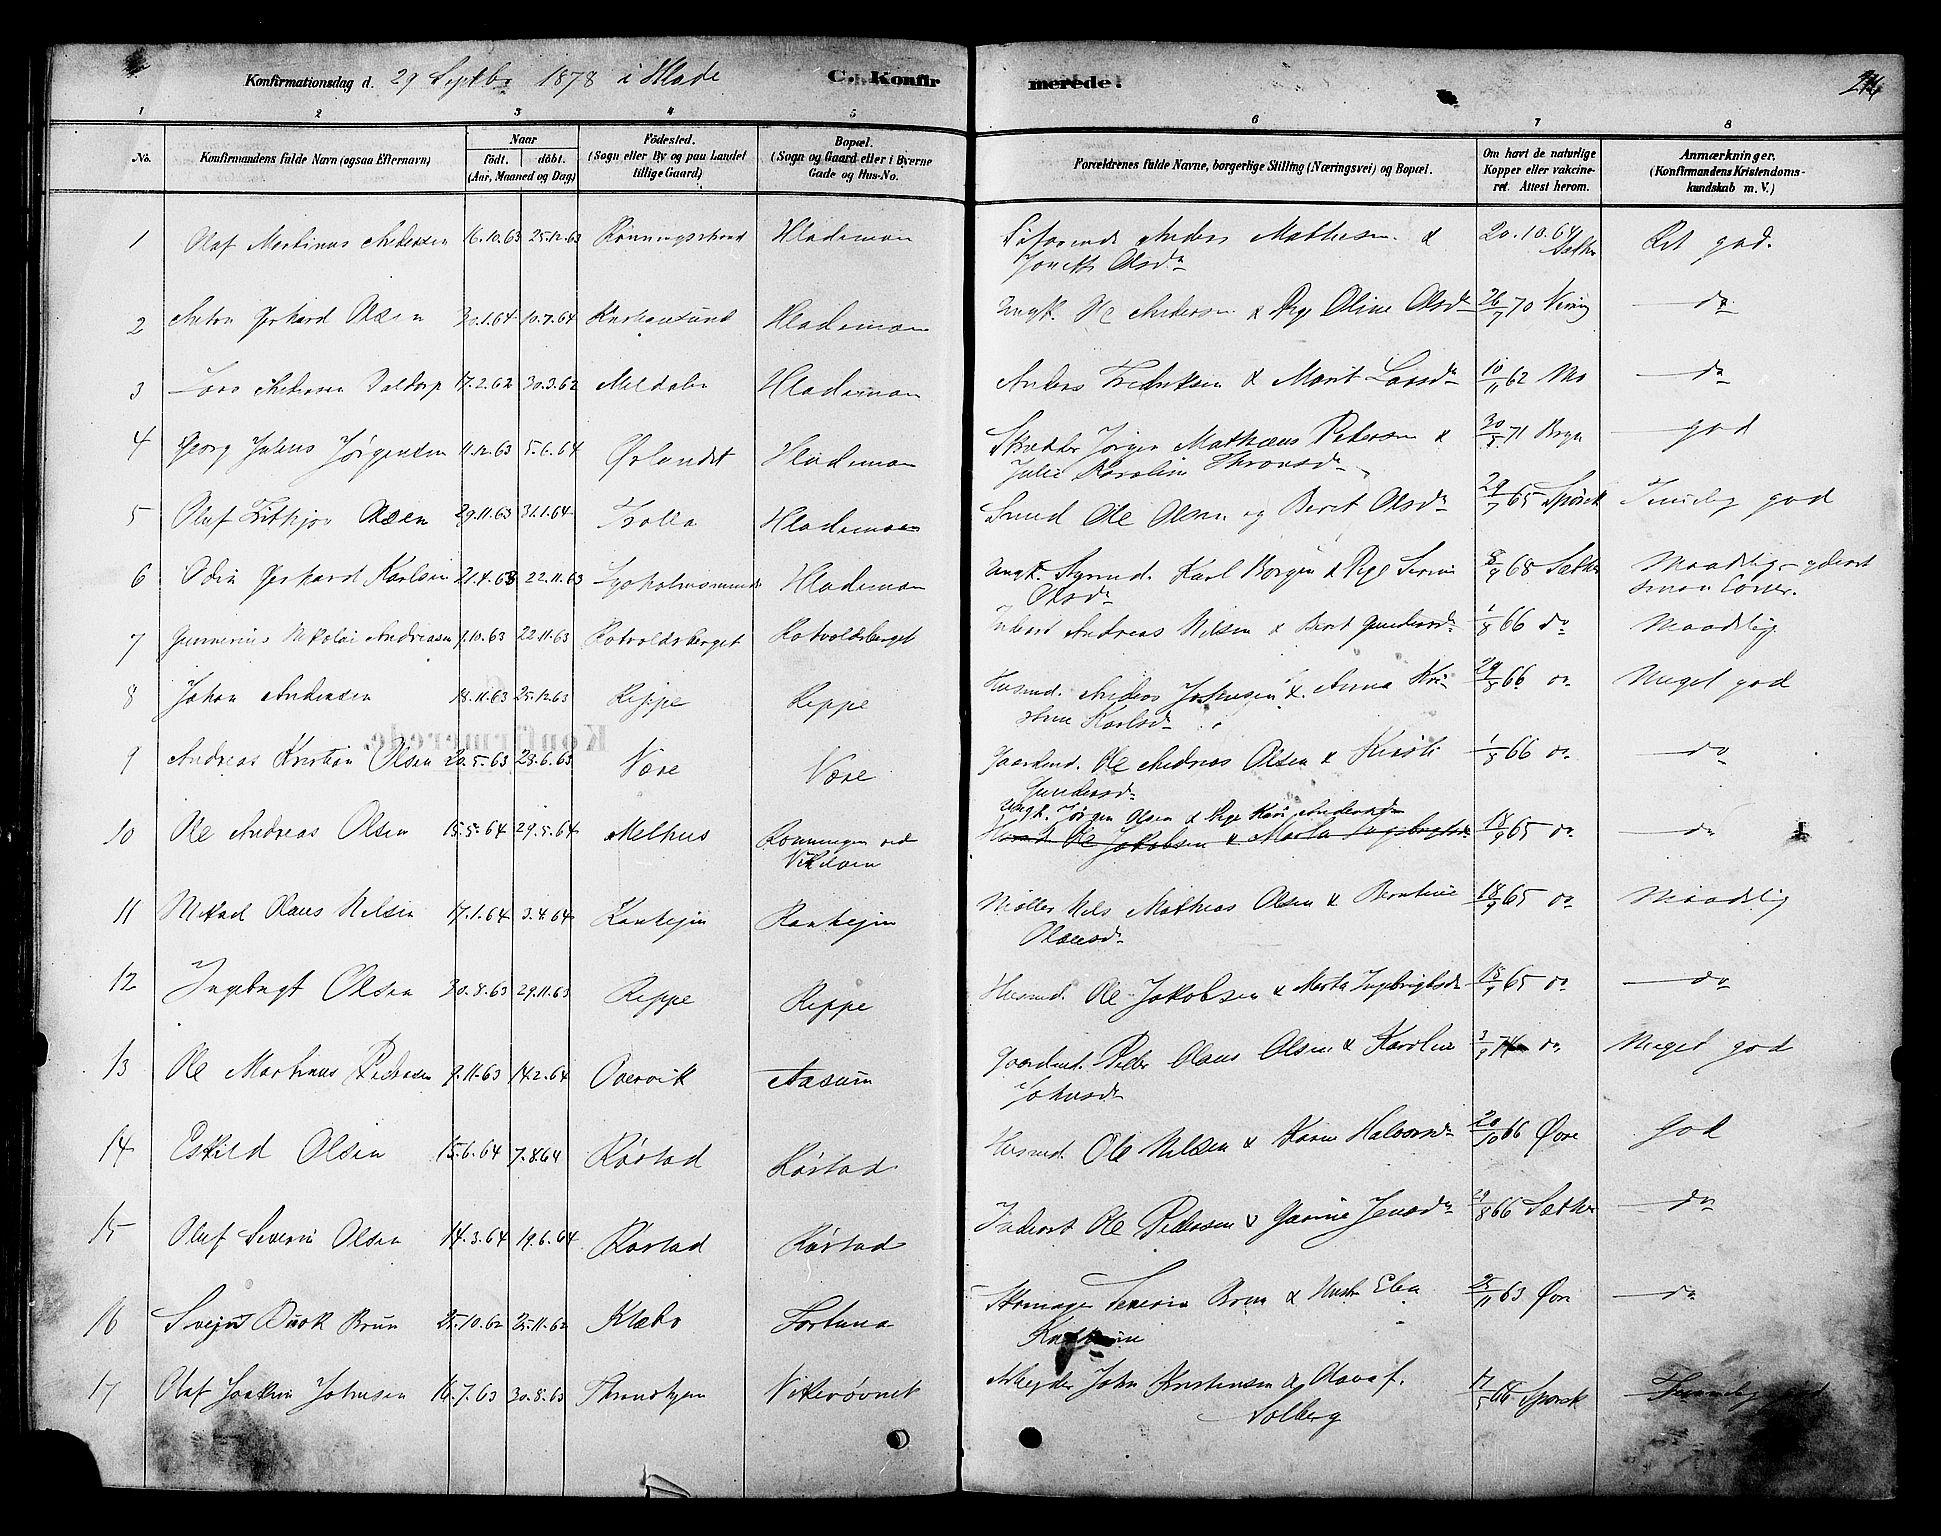 SAT, Ministerialprotokoller, klokkerbøker og fødselsregistre - Sør-Trøndelag, 606/L0294: Ministerialbok nr. 606A09, 1878-1886, s. 216